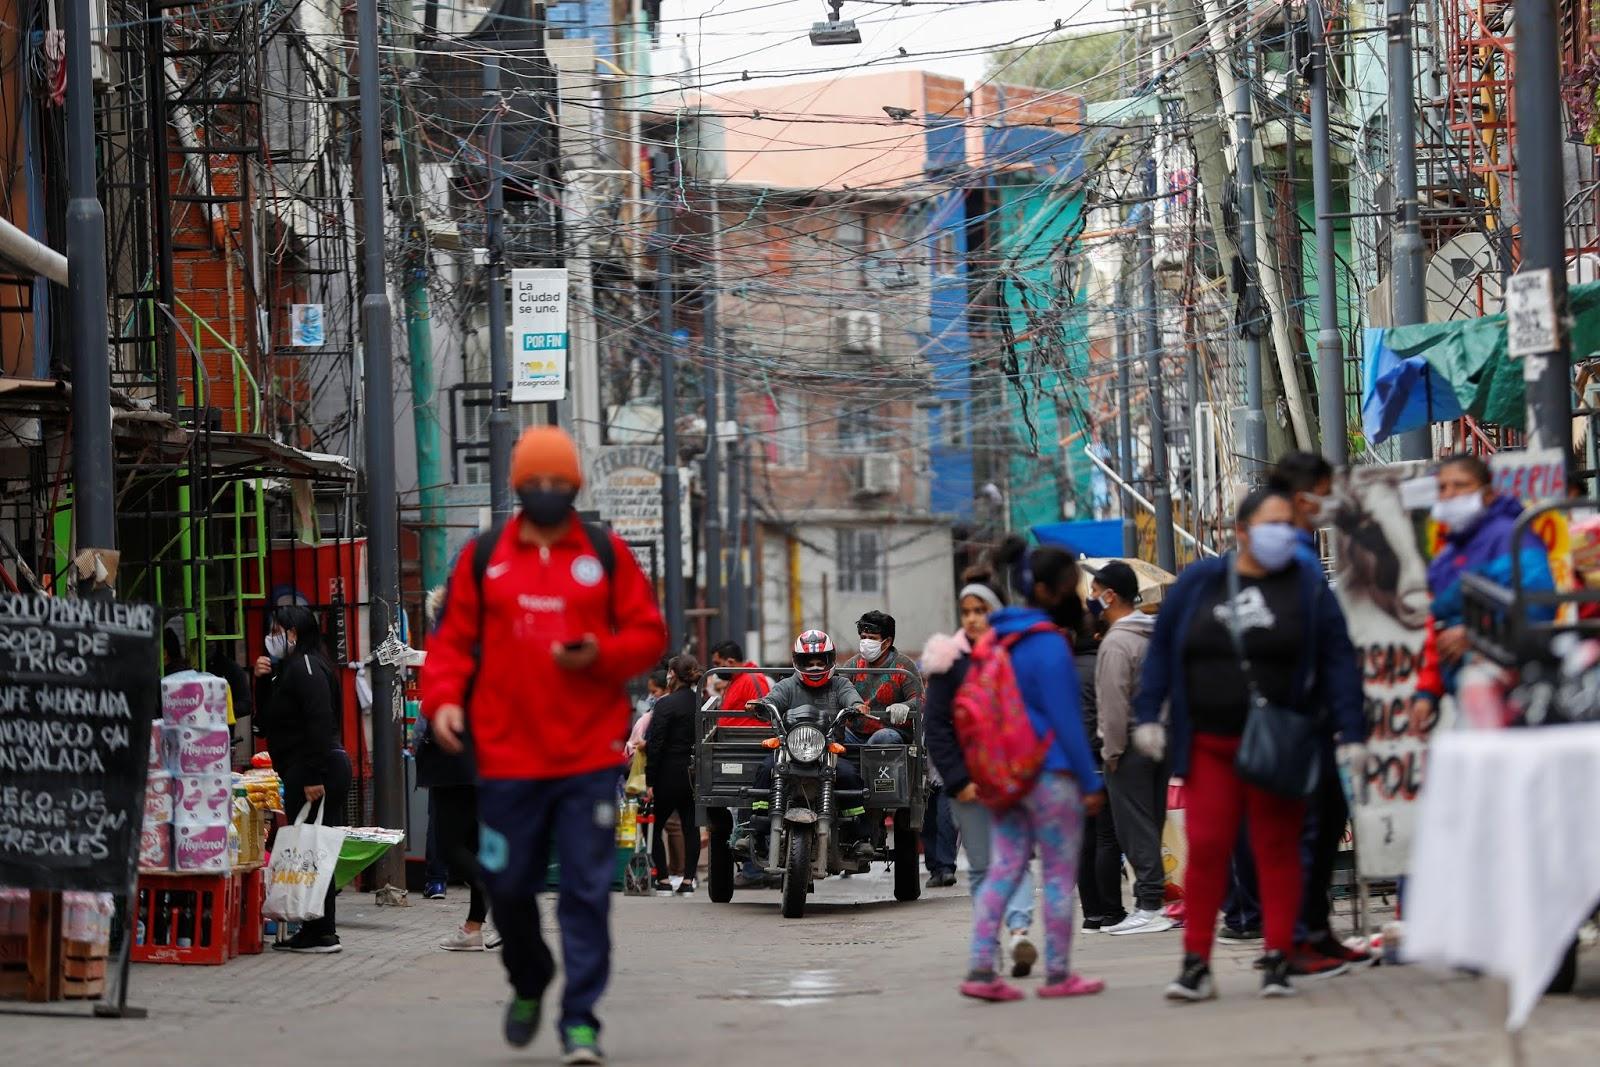 Con 81 nuevos casos, los diagnósticos de coronavirus llegan a 972 en barrios vulnerables